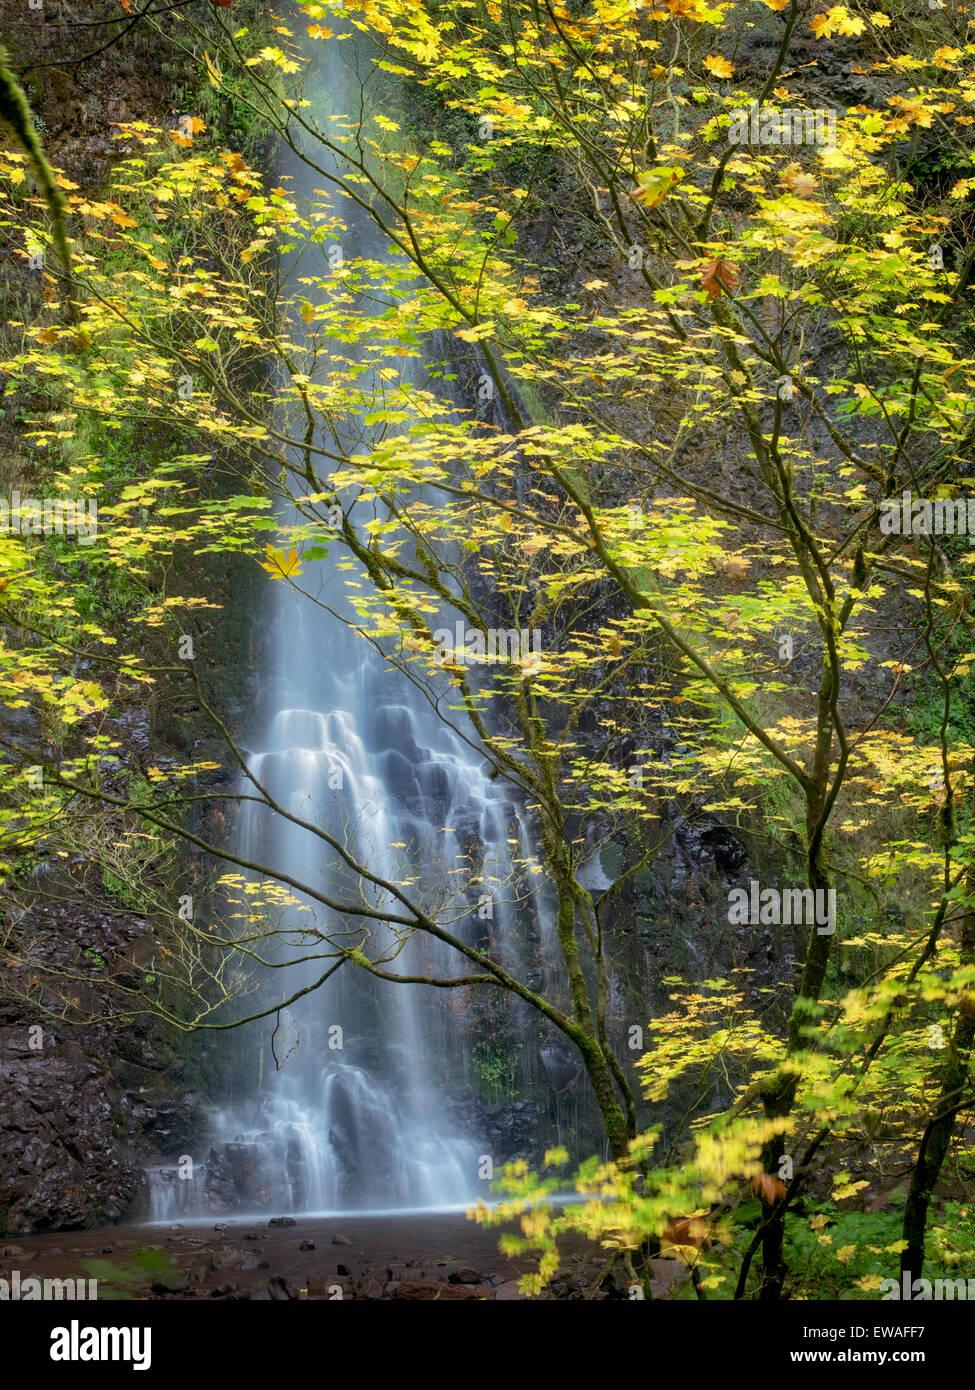 El doble de caídas y color en el otoño. Silver Falls State Park, Oregón Imagen De Stock